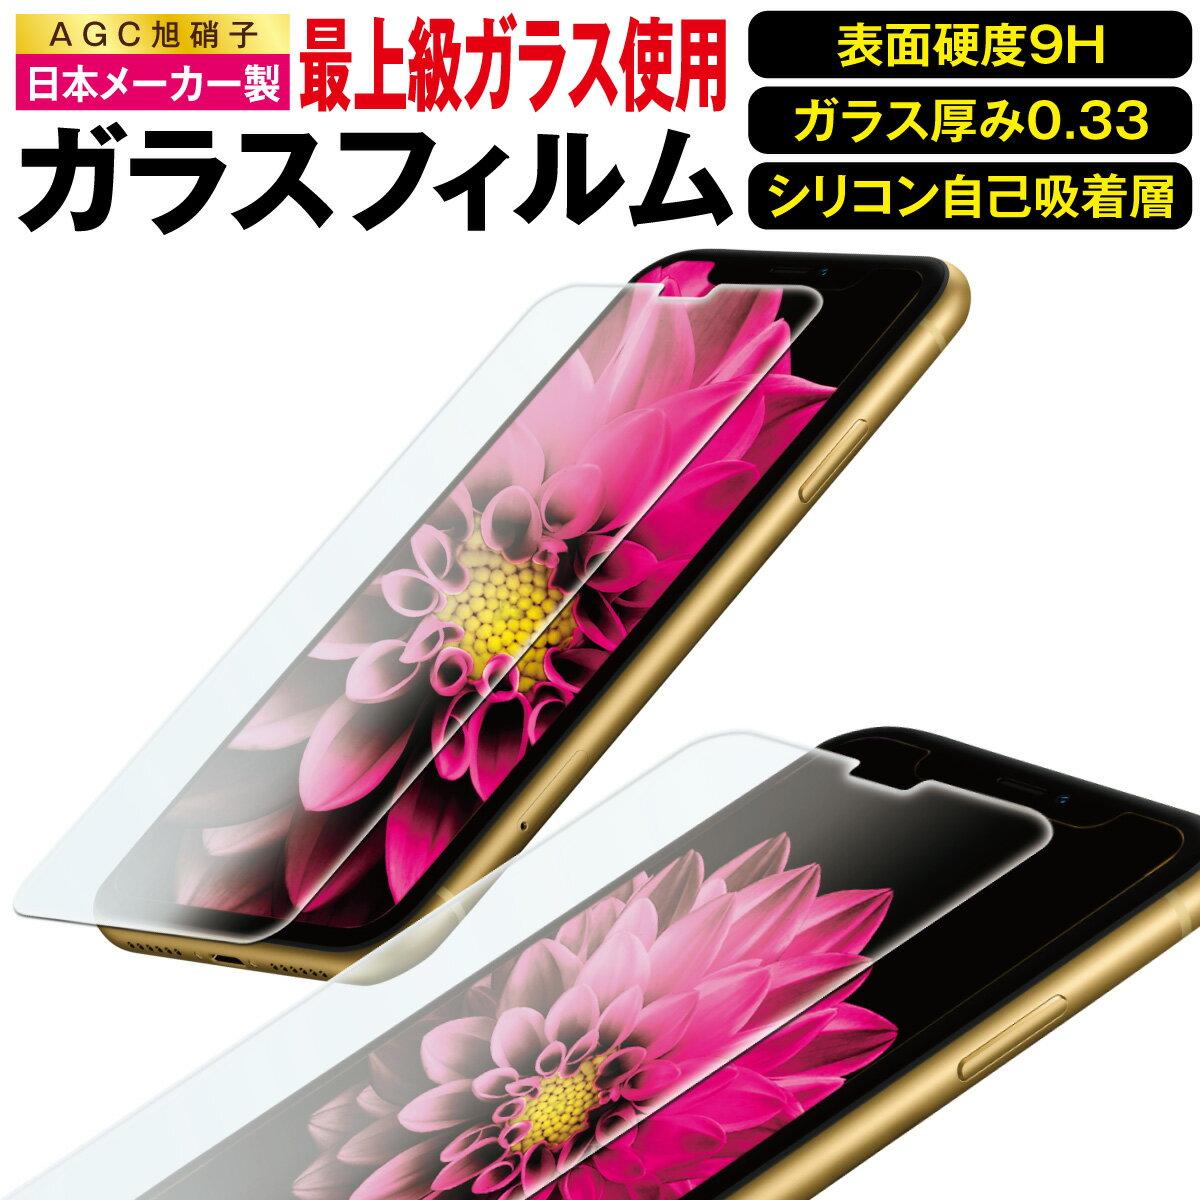 強化ガラスフィルム 保護フィルム ガラス保護フィルム iPhoneXs Max XR iPhoneX iPhone8 iPhone7 iPhone6s iPhpne6 Plus iPhone SE iPhone5s Xperia Z5 Z4 Z3 SO-02H SO-01H SO-03H SOV32 AQUOS SH-01H SH-02H 503SH 502SH F-01H ガラスフィルム 液晶保護フィルム hogo-01